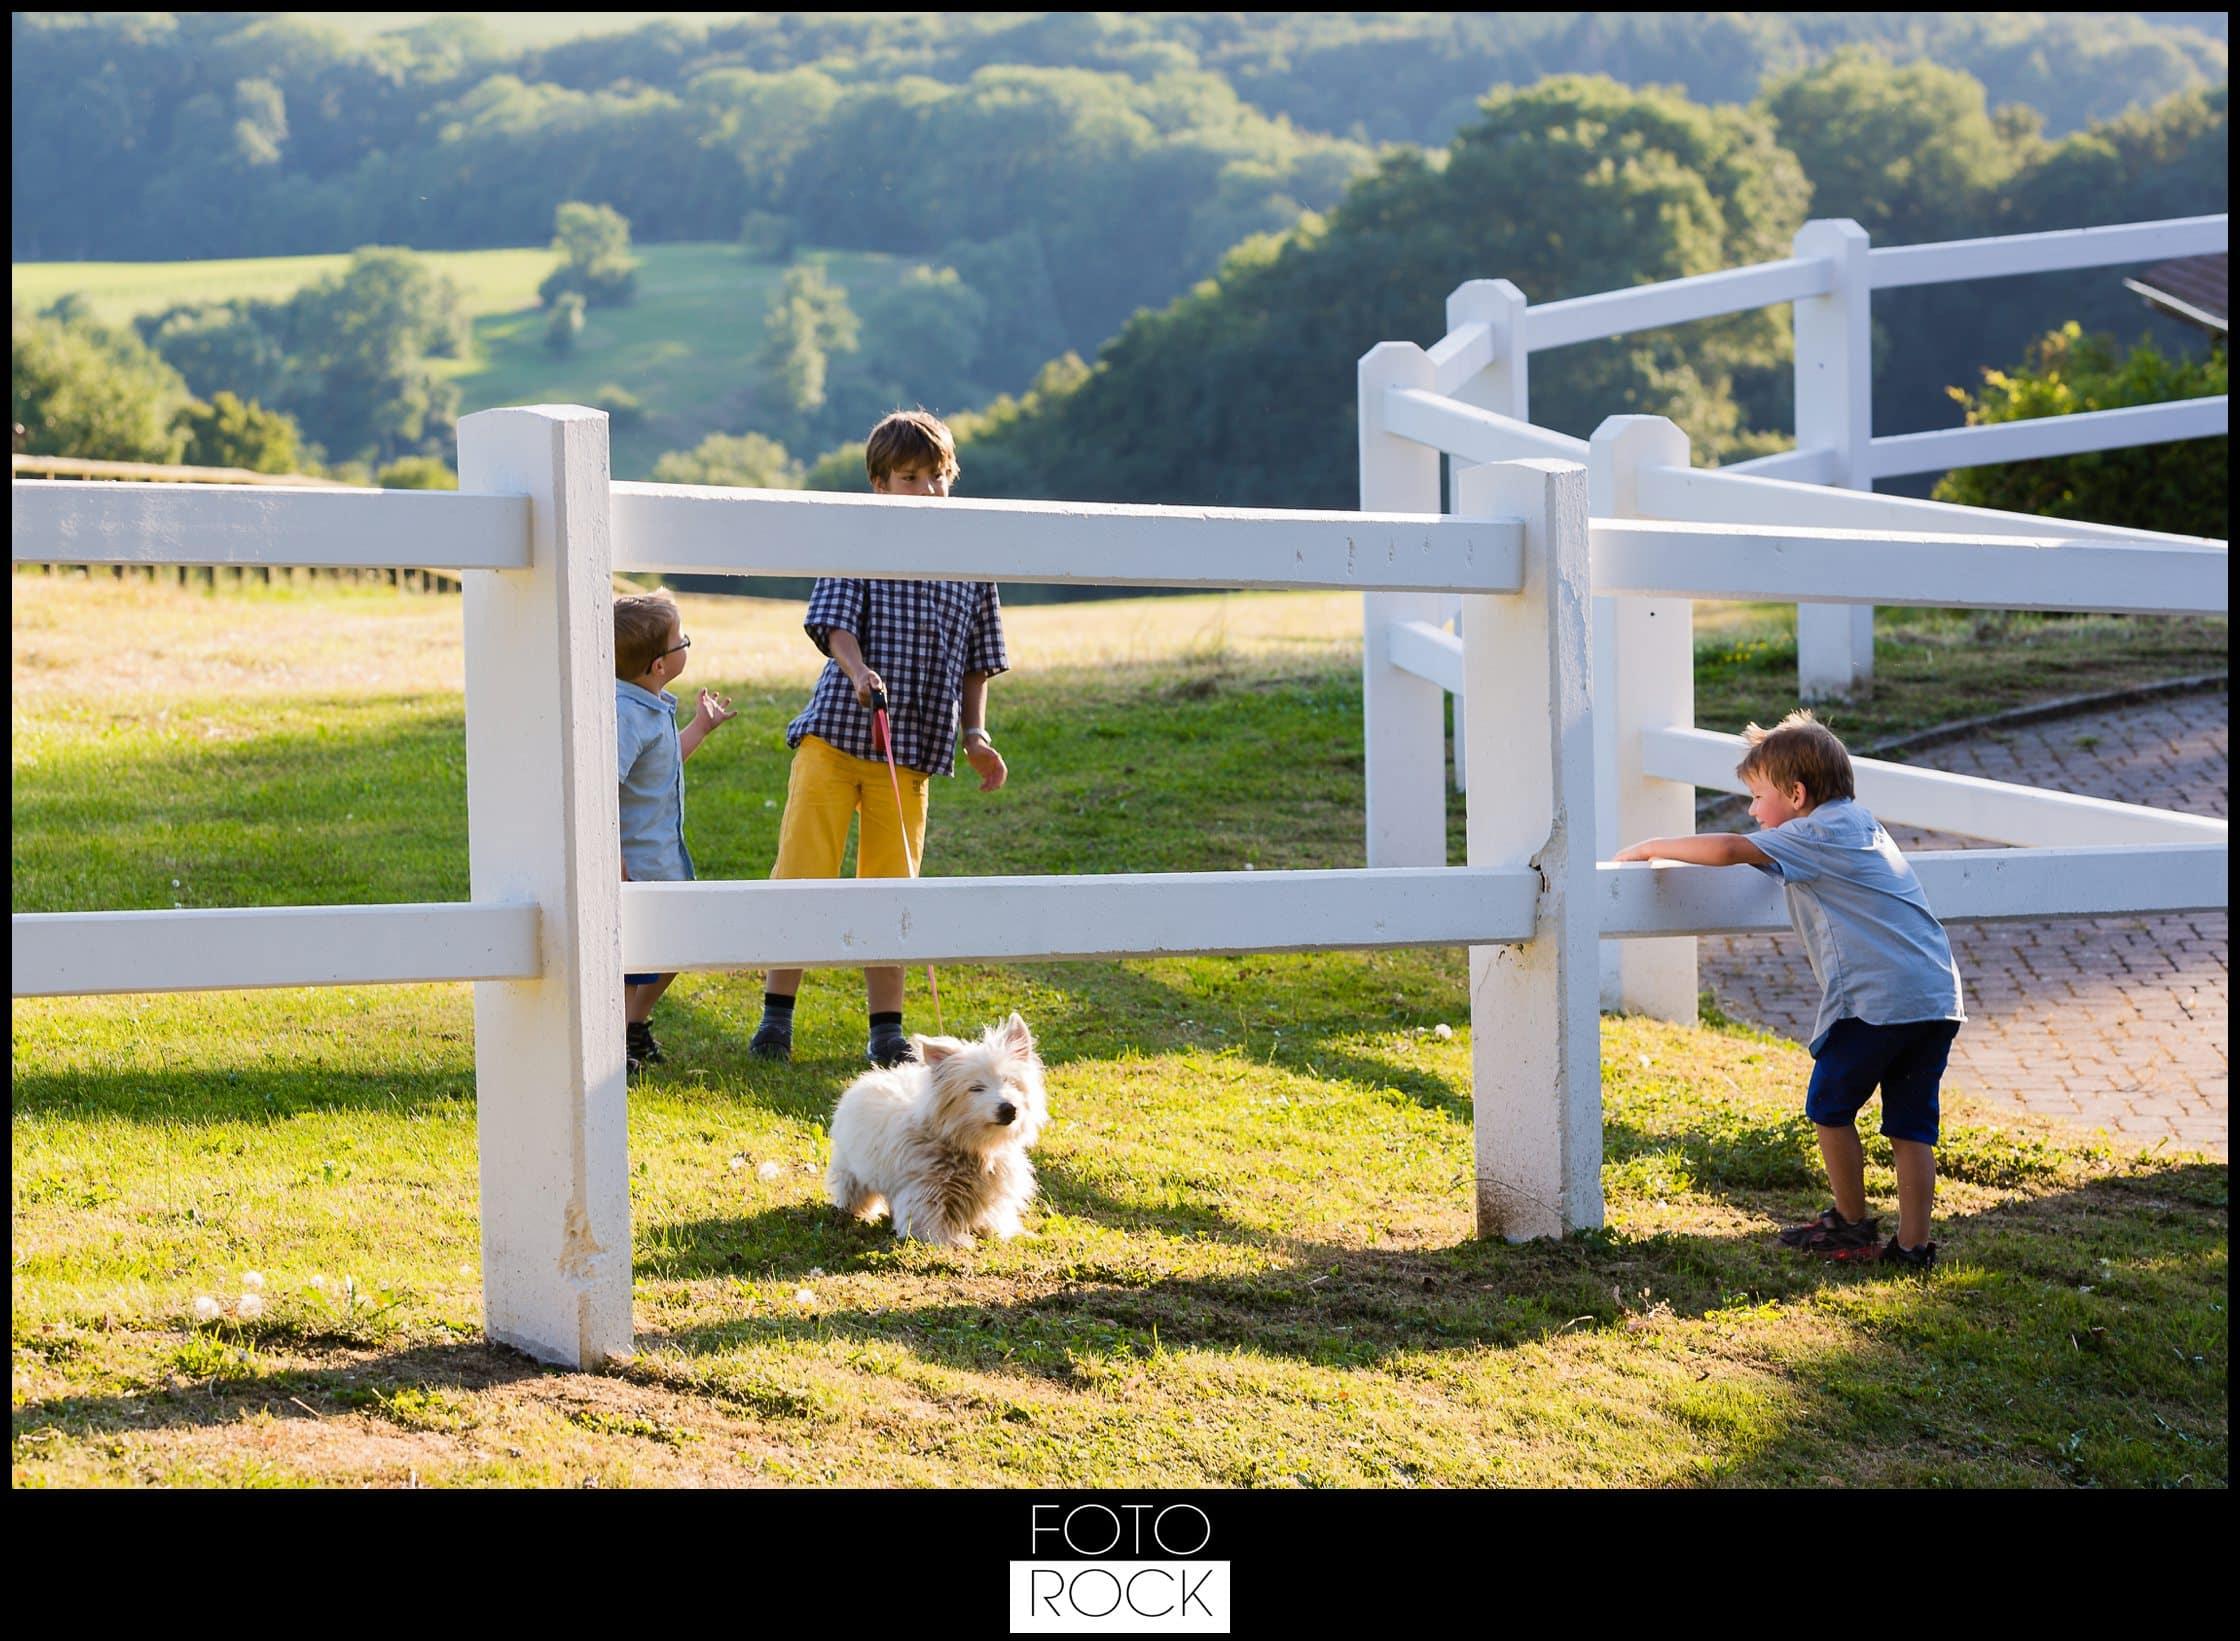 Hochzeit Rafz Albführen Kinder Hund Landschaft Zaun